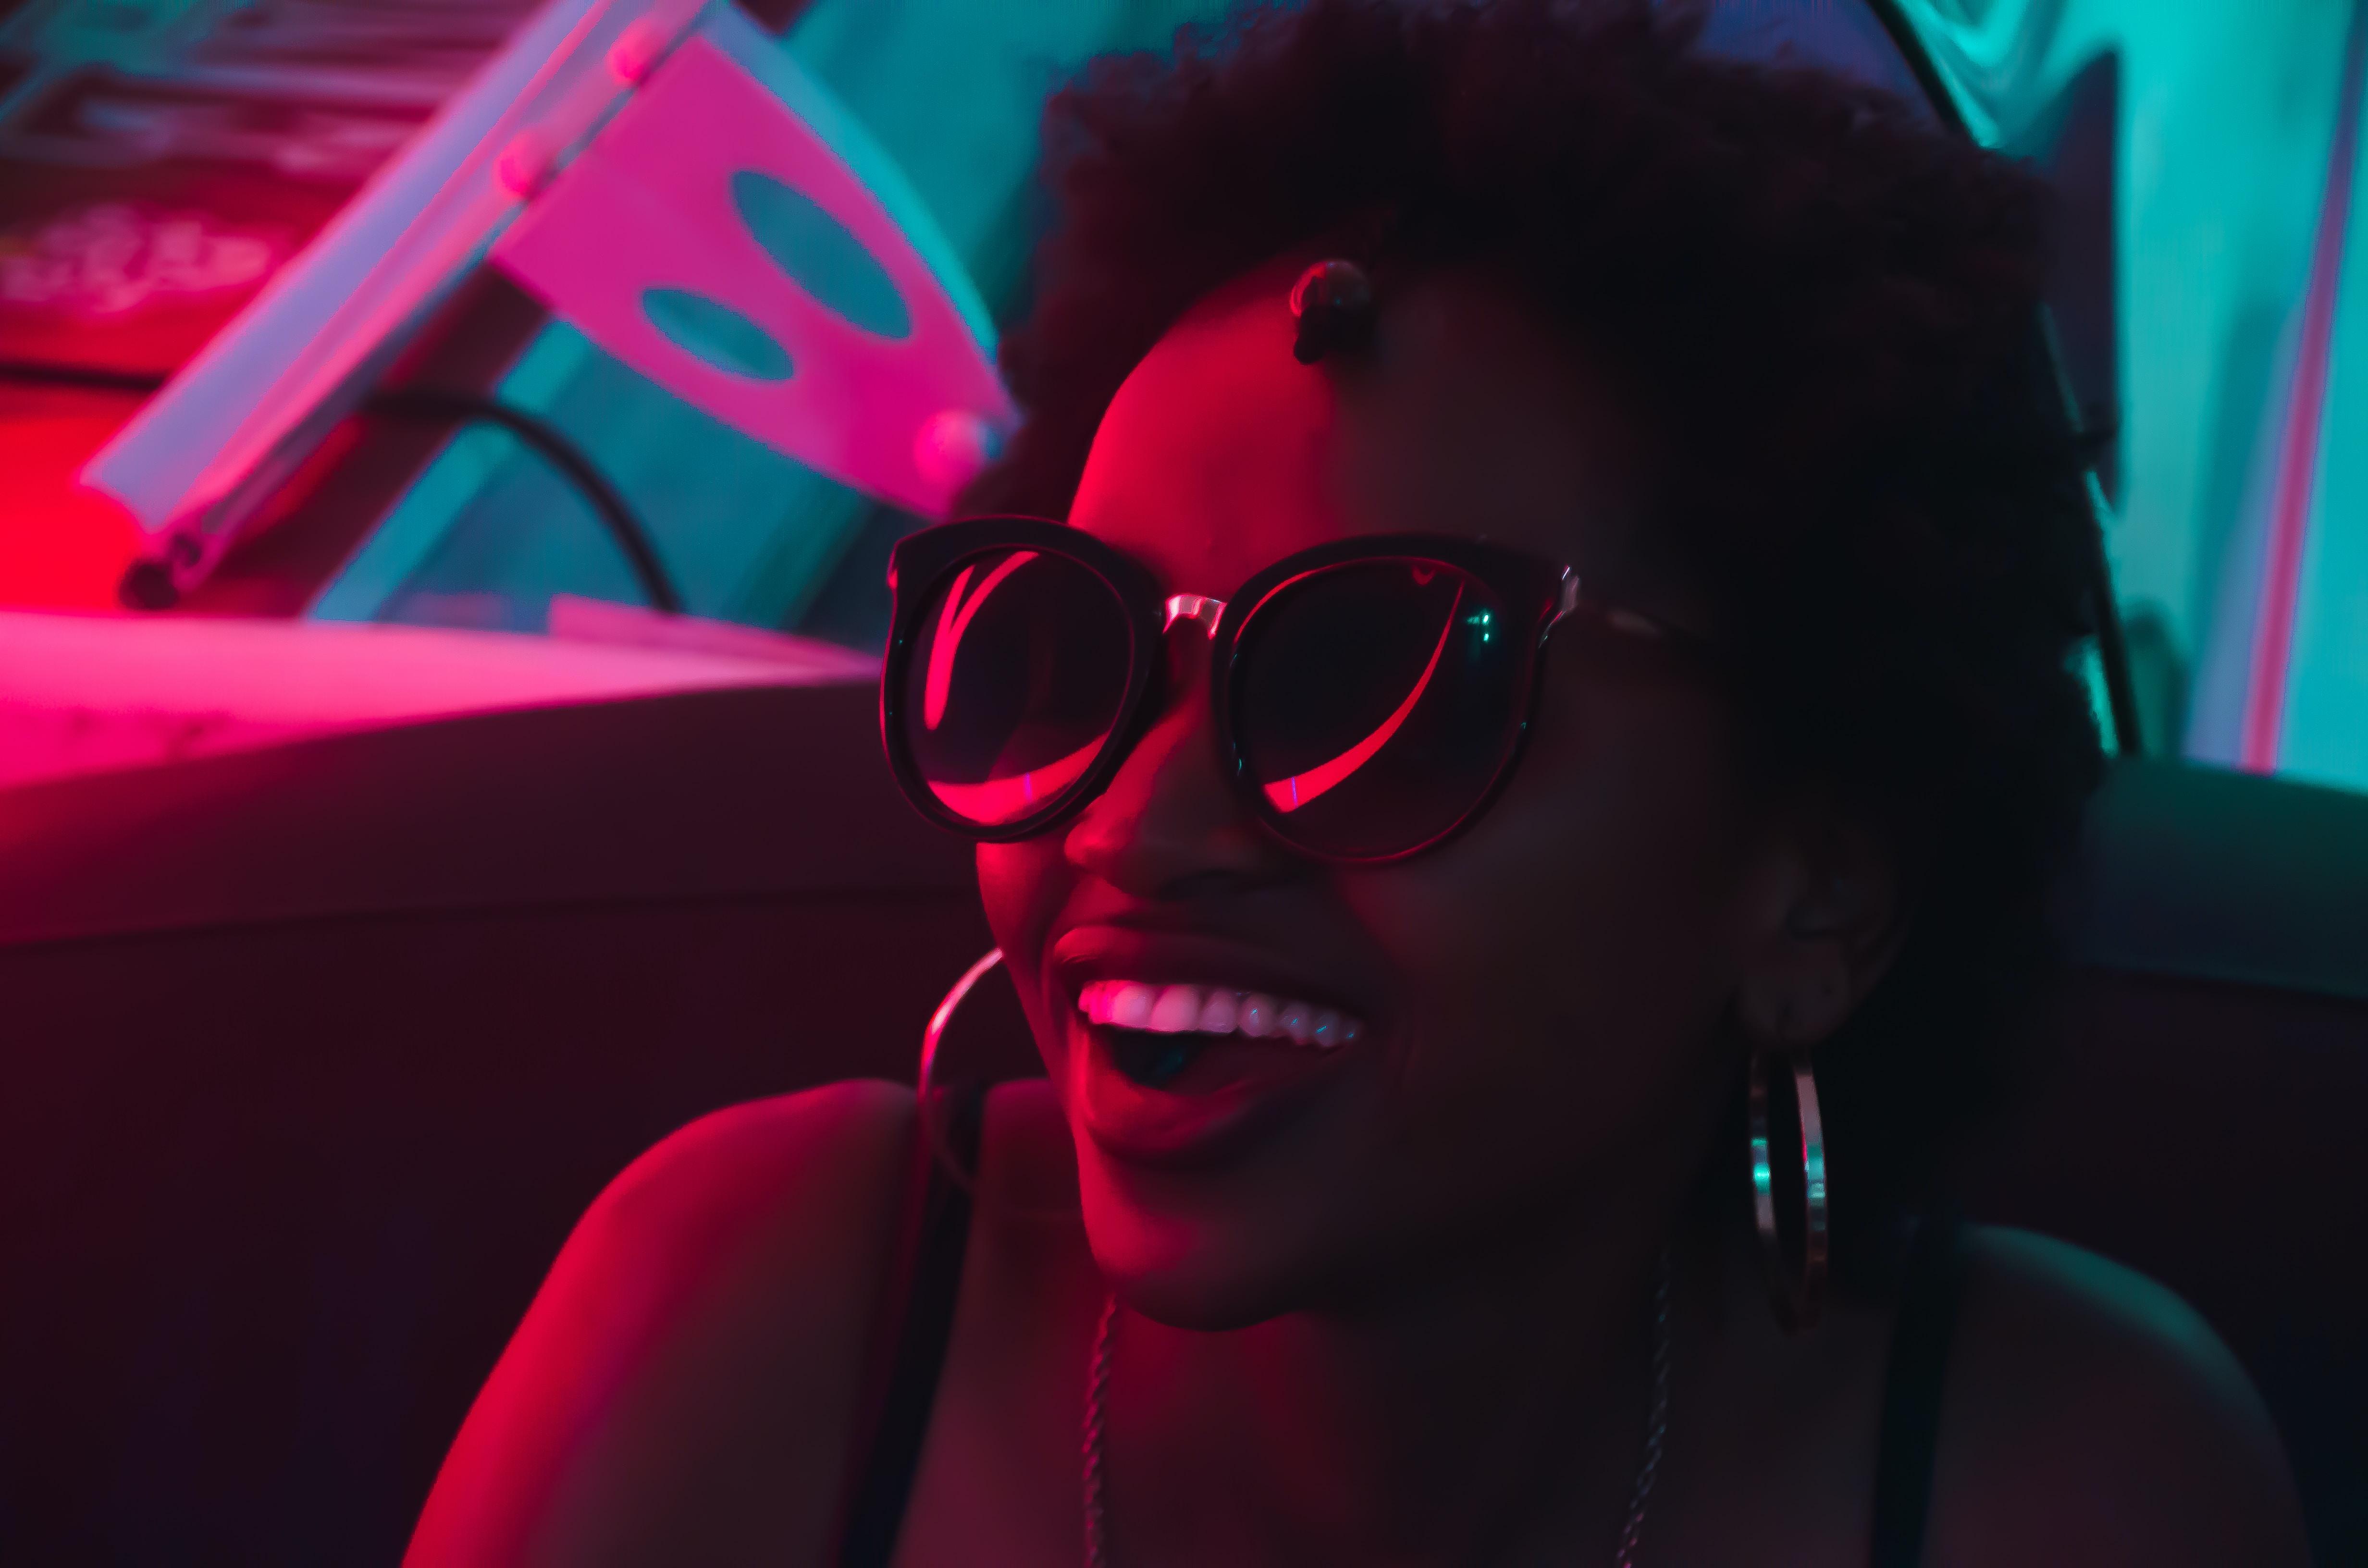 smiling woman wearing black sunglasses and hoop earrings